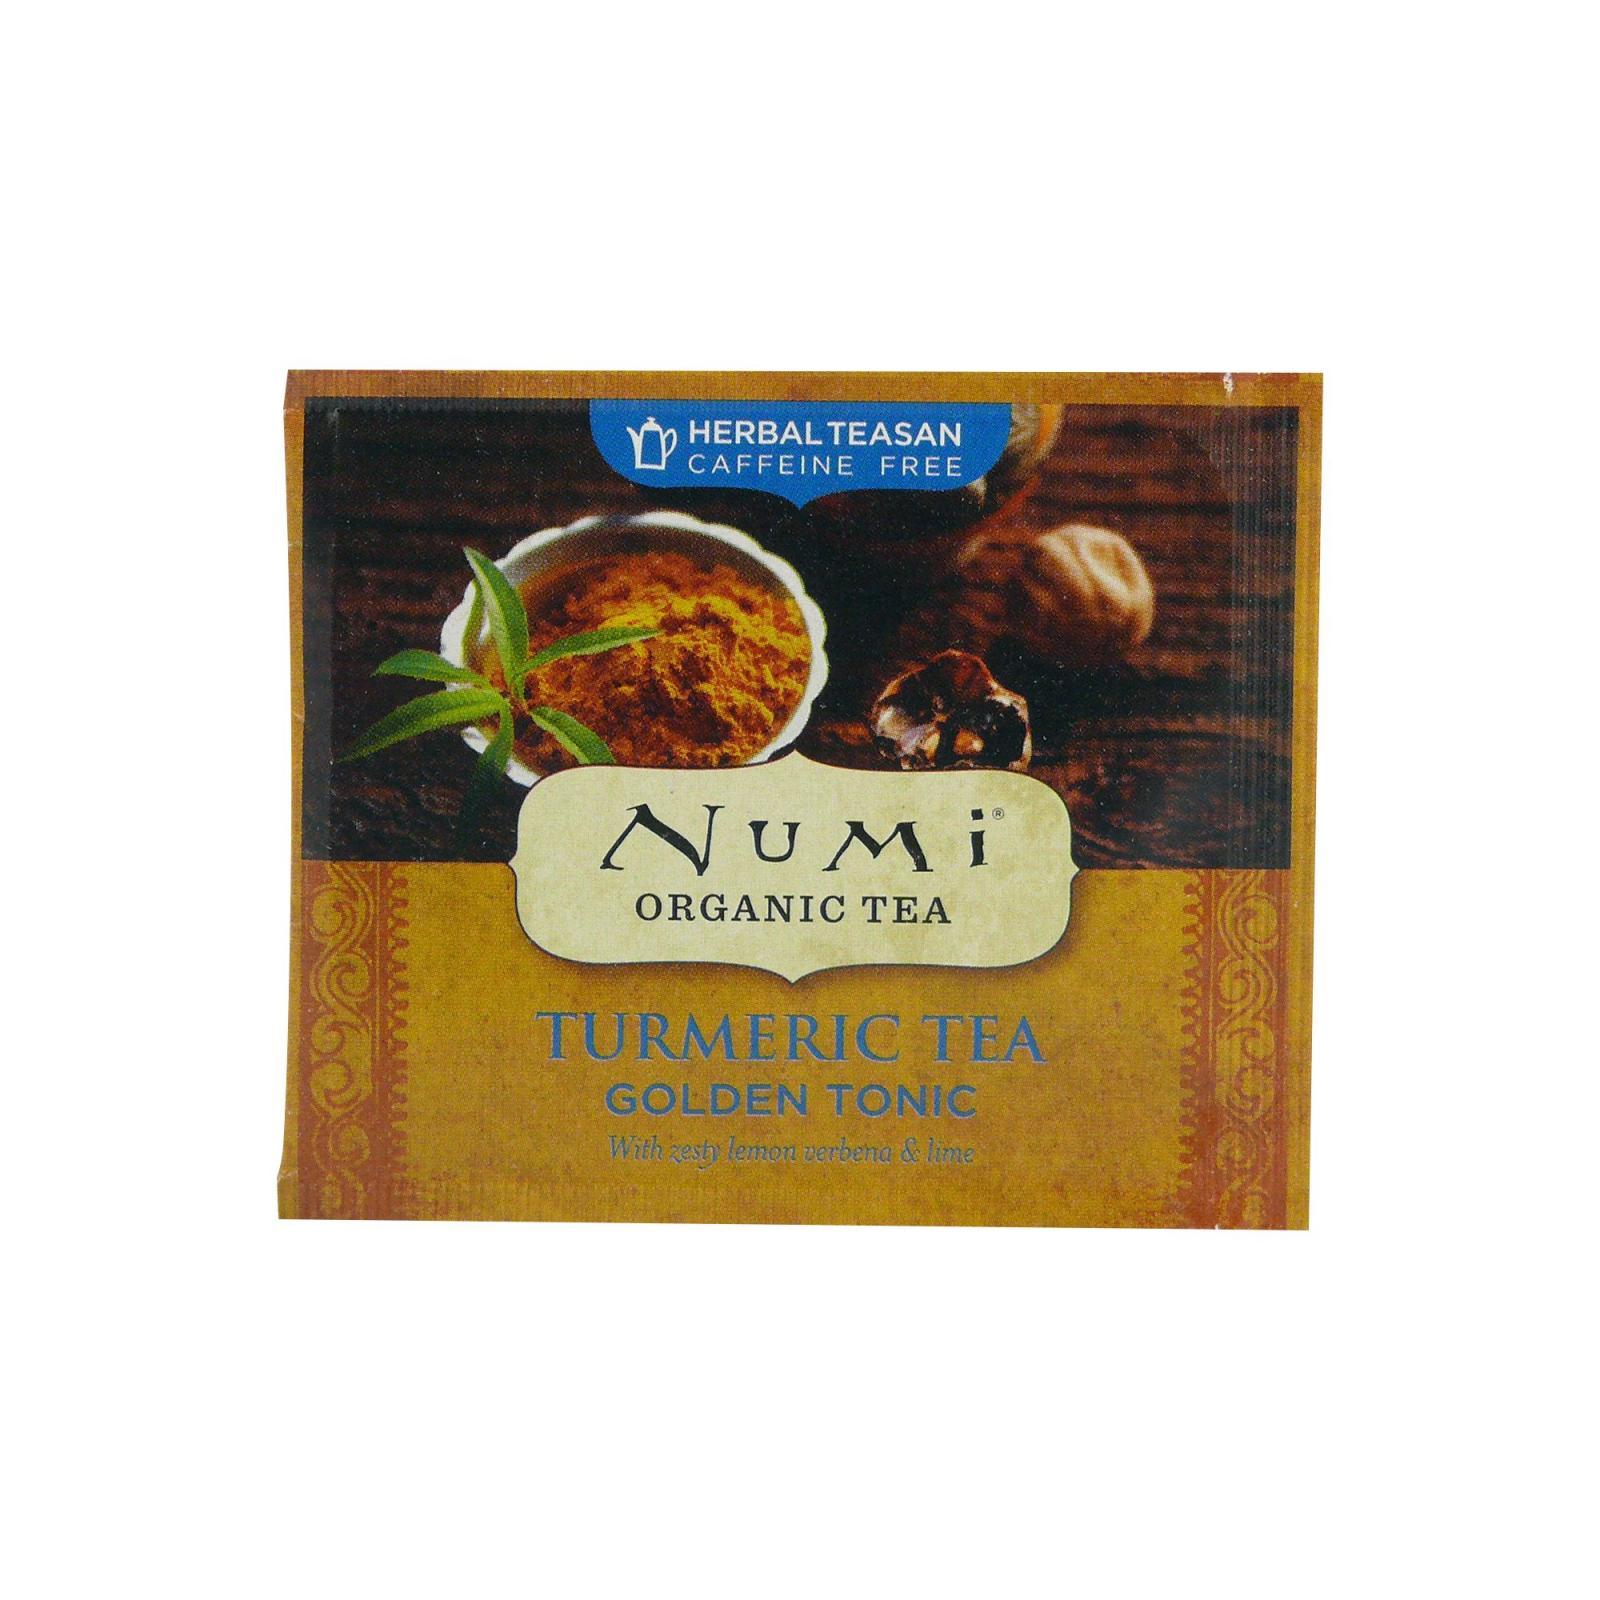 Numi Kořeněný čaj Golden Tonic, Turmeric Tea 1 ks, 3,1 g